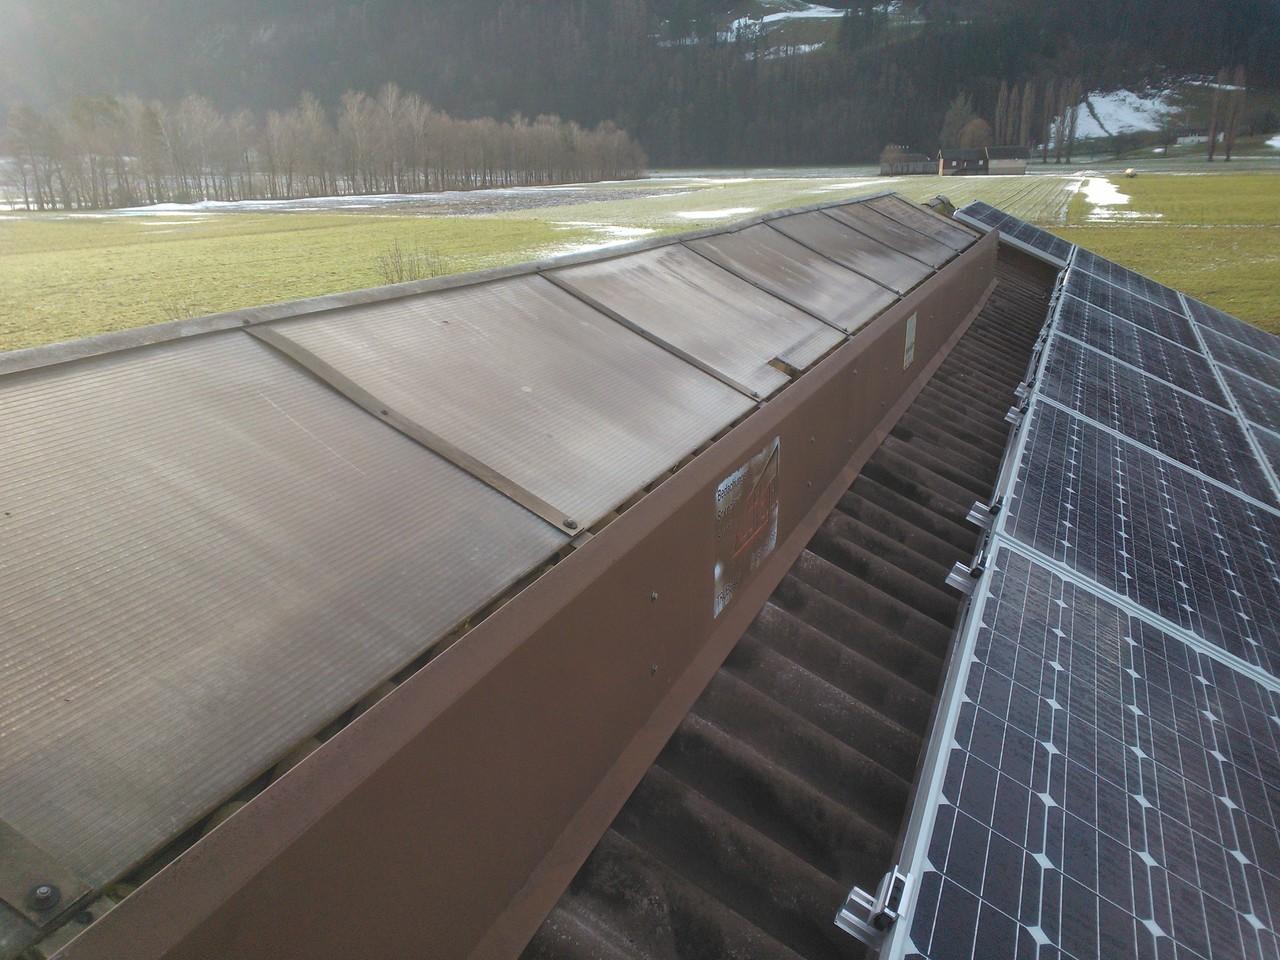 PV-Anlage 18kw in Vilters. Modul: 270 Yingli-Panda Unterbau: Top-Fix 200 zweilagig